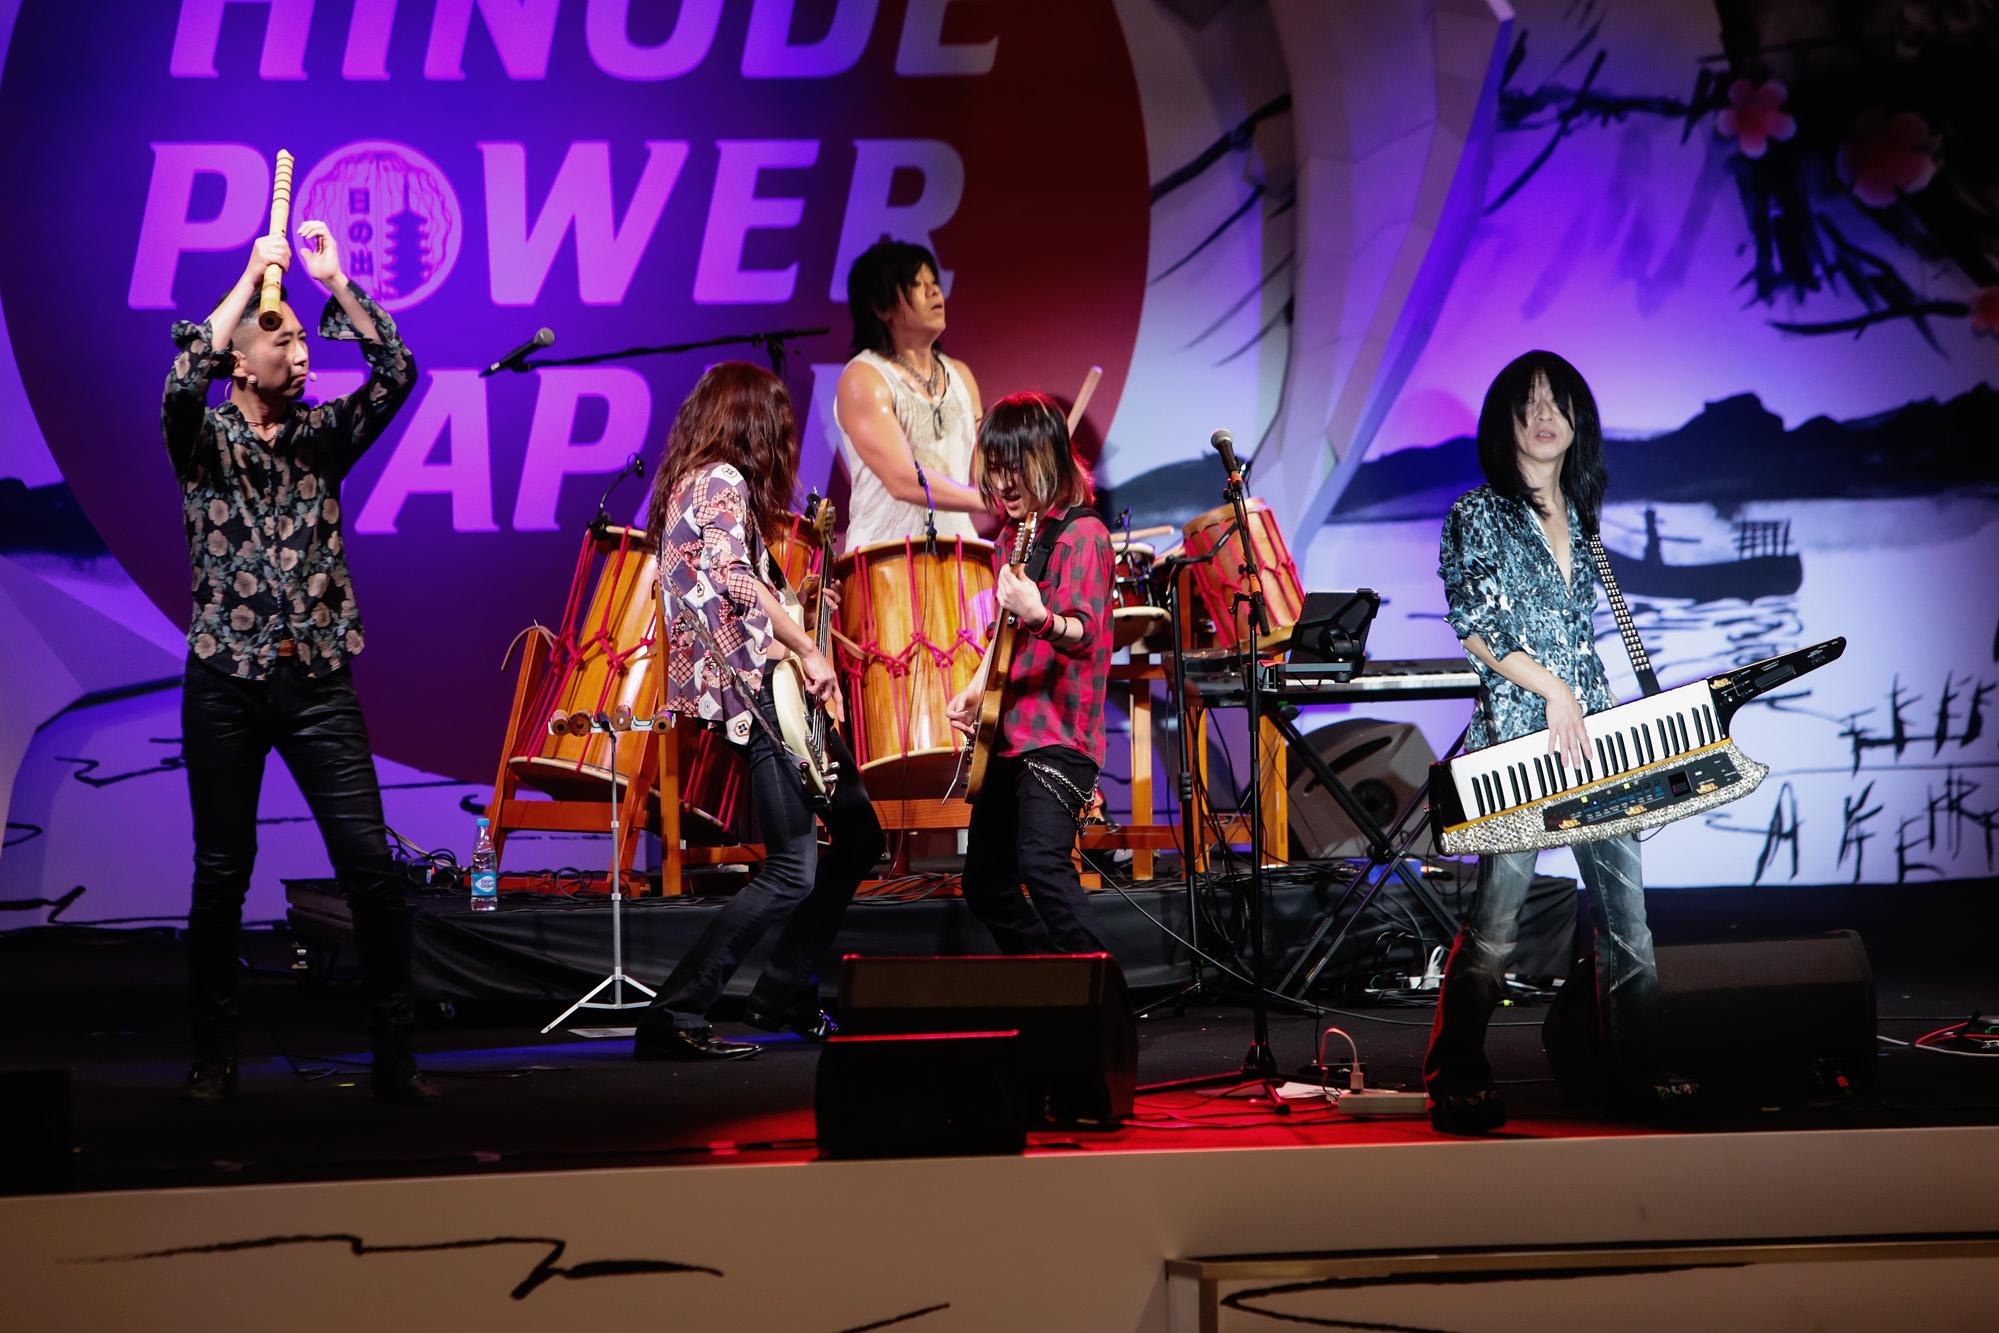 Hinode Power Japan - день первый!